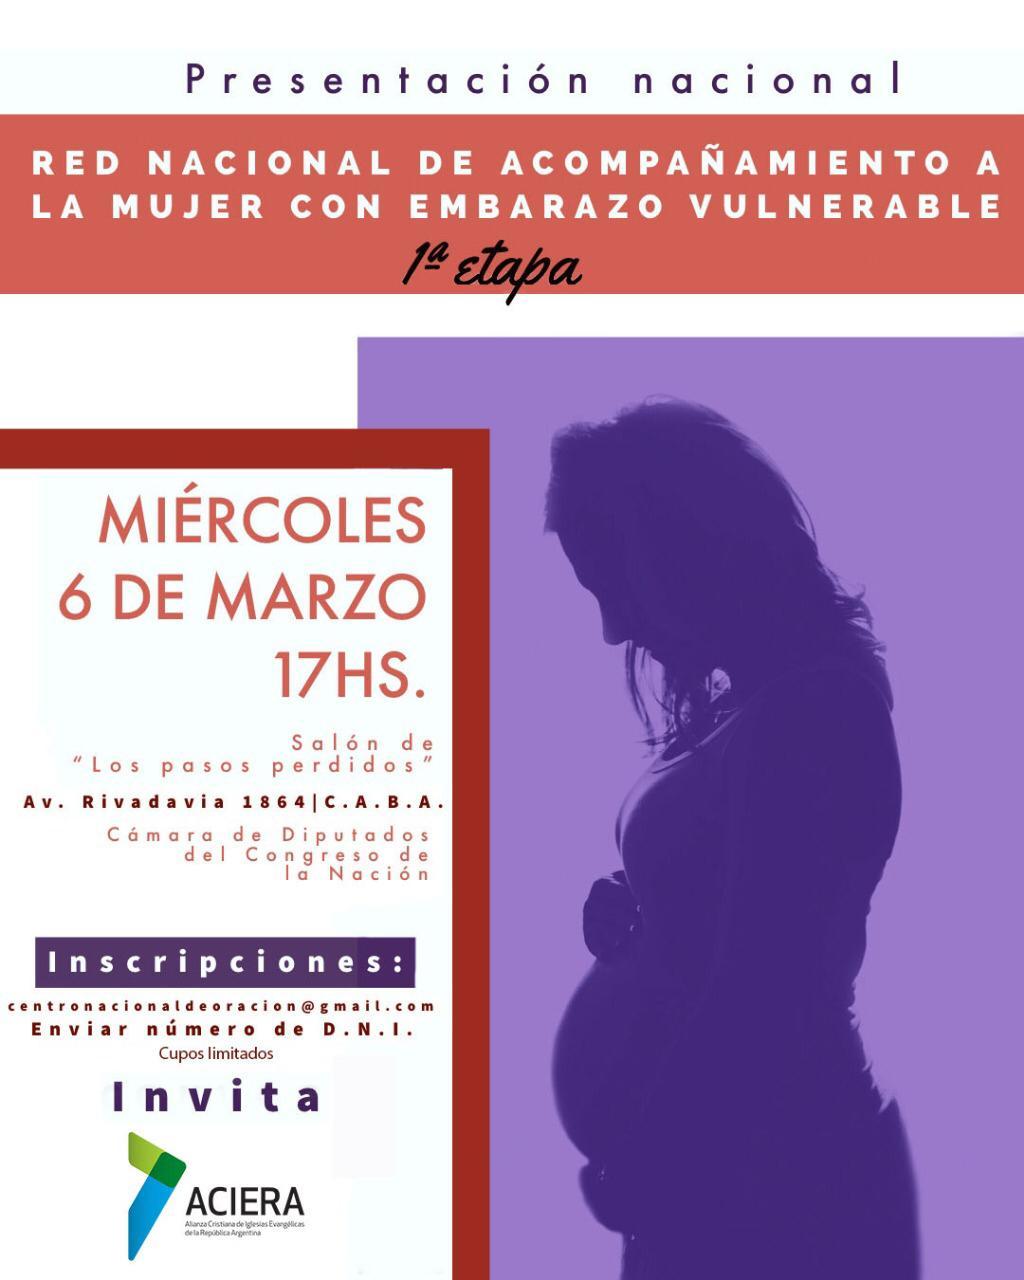 """Presentarán oficialmente a la """"Red Nacional de Acompañamiento a la Mujer con Embarazo Vulnerable"""""""